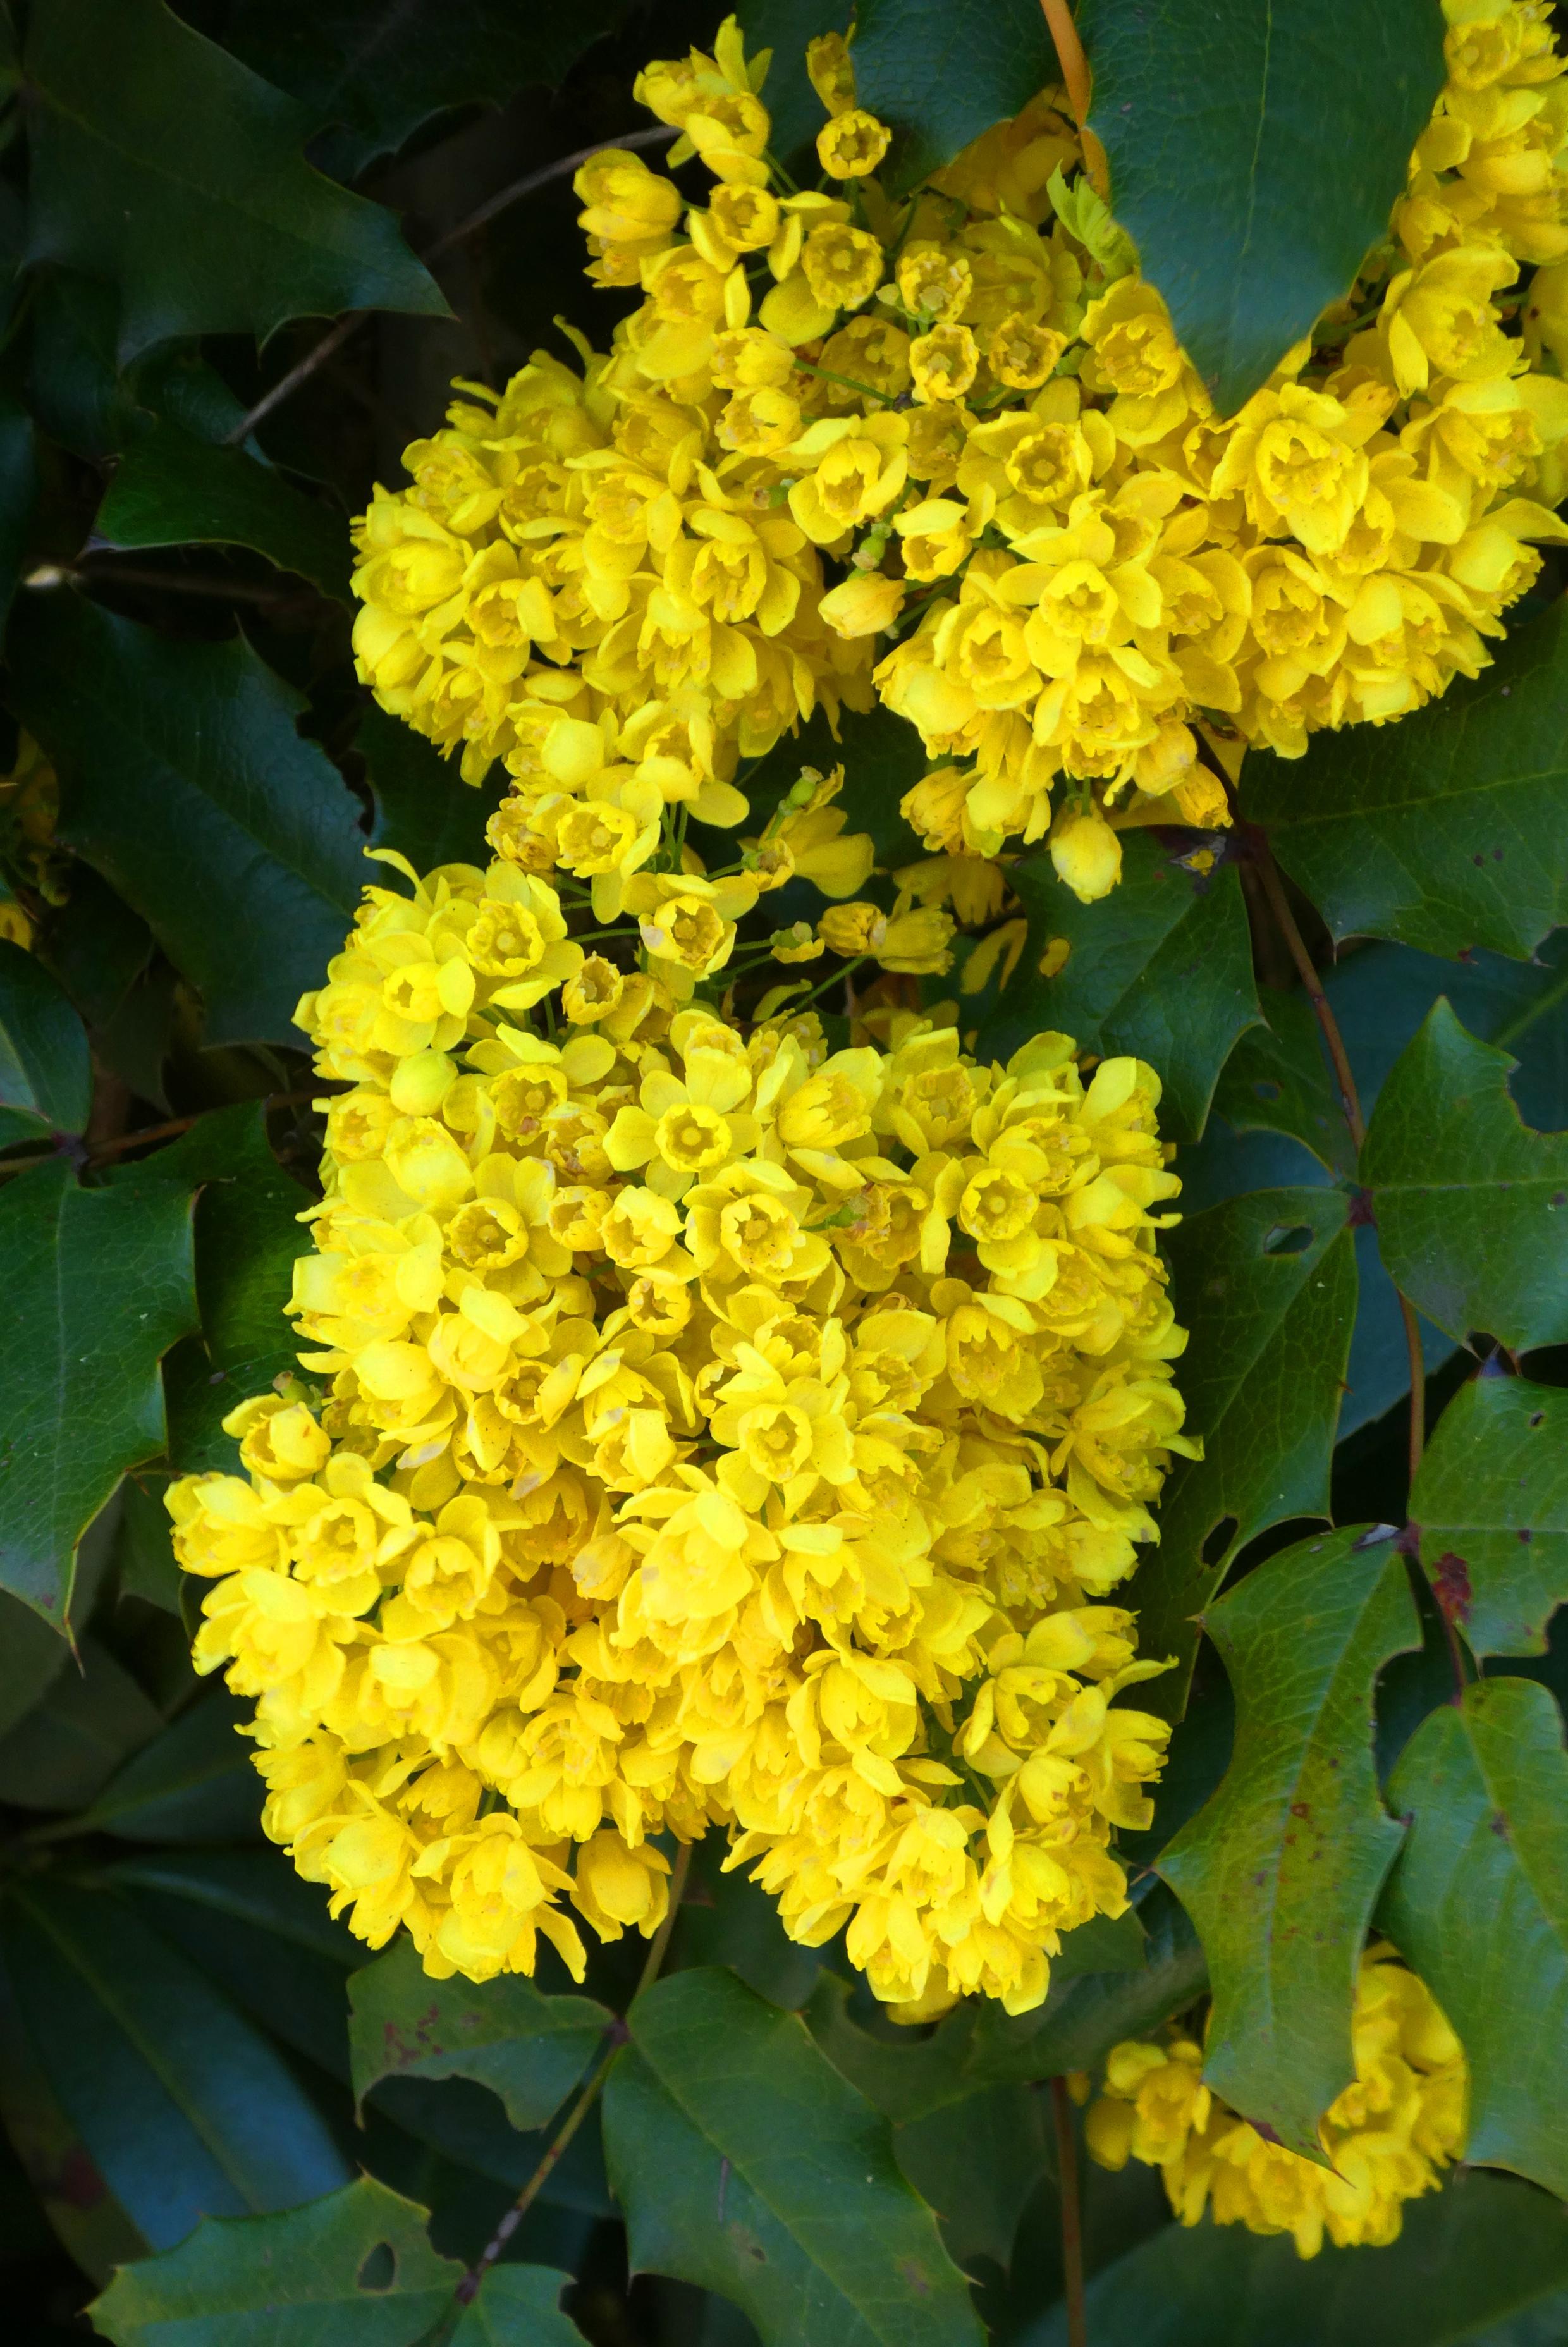 Pianta Fiori Gialli Primavera.Immagini Belle Mimosa Fiore Cespuglio Primavera Fiori